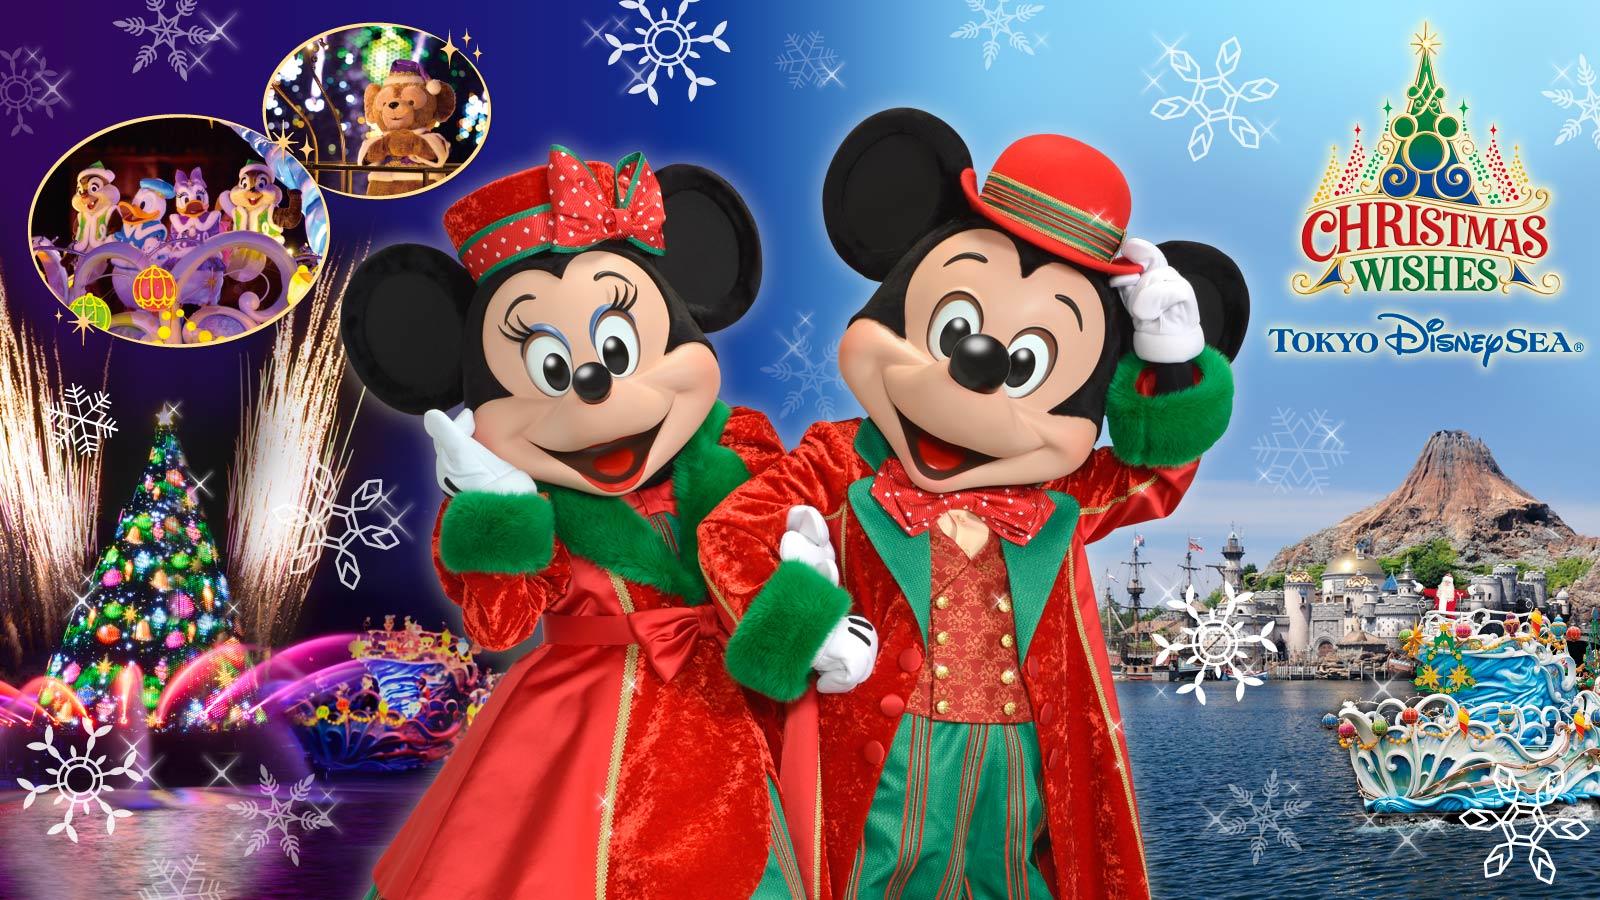 [ほとんどのダウンロード] クリスマス ディズニー 画像